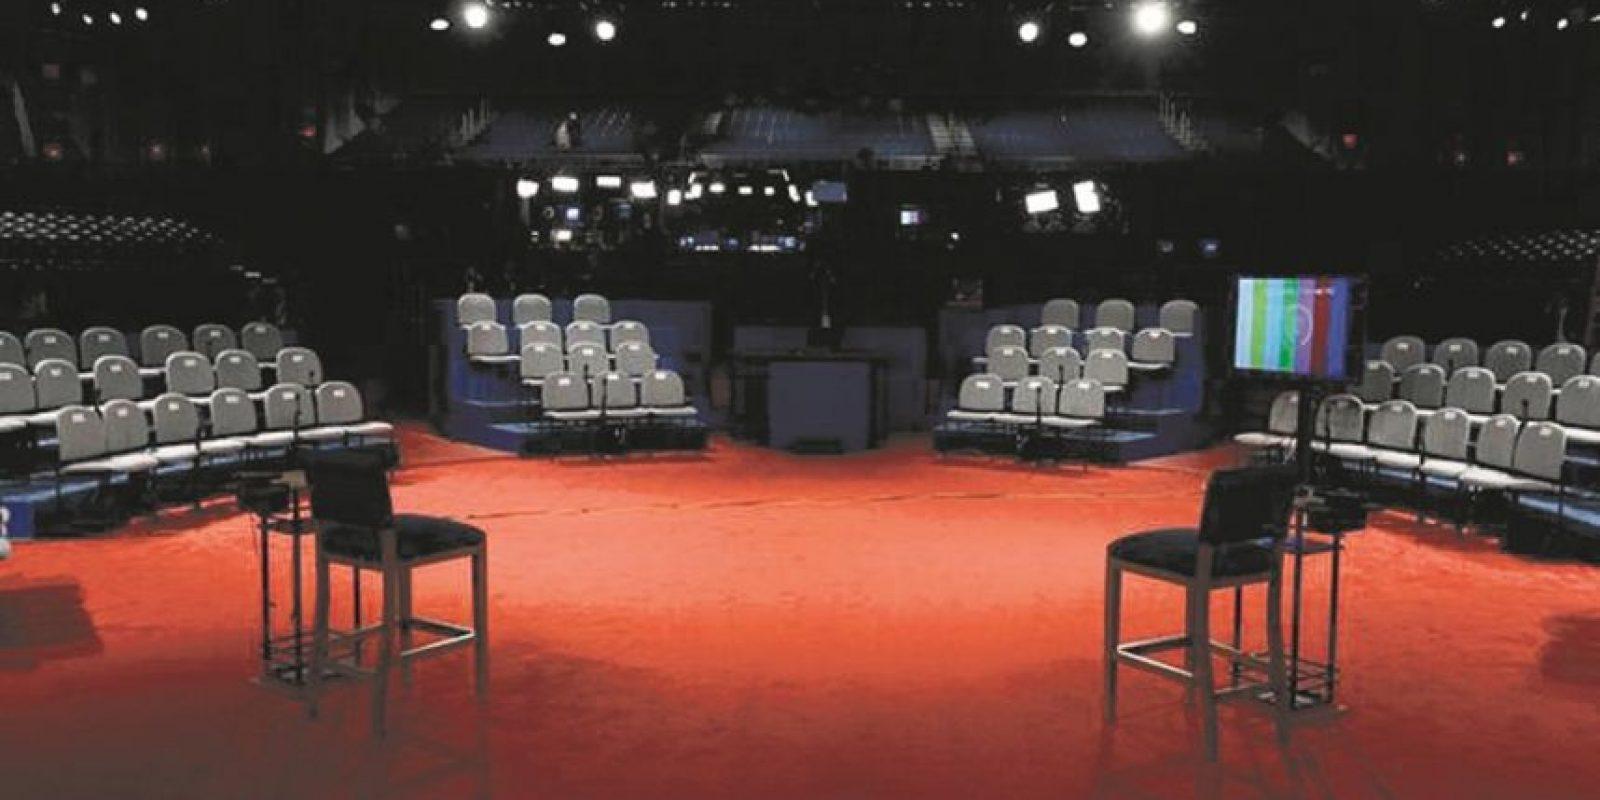 Por ahora las sillas seguirán vacías y seguirá faltando el debate en una democracia institucionalizada Foto:Fuente Externa